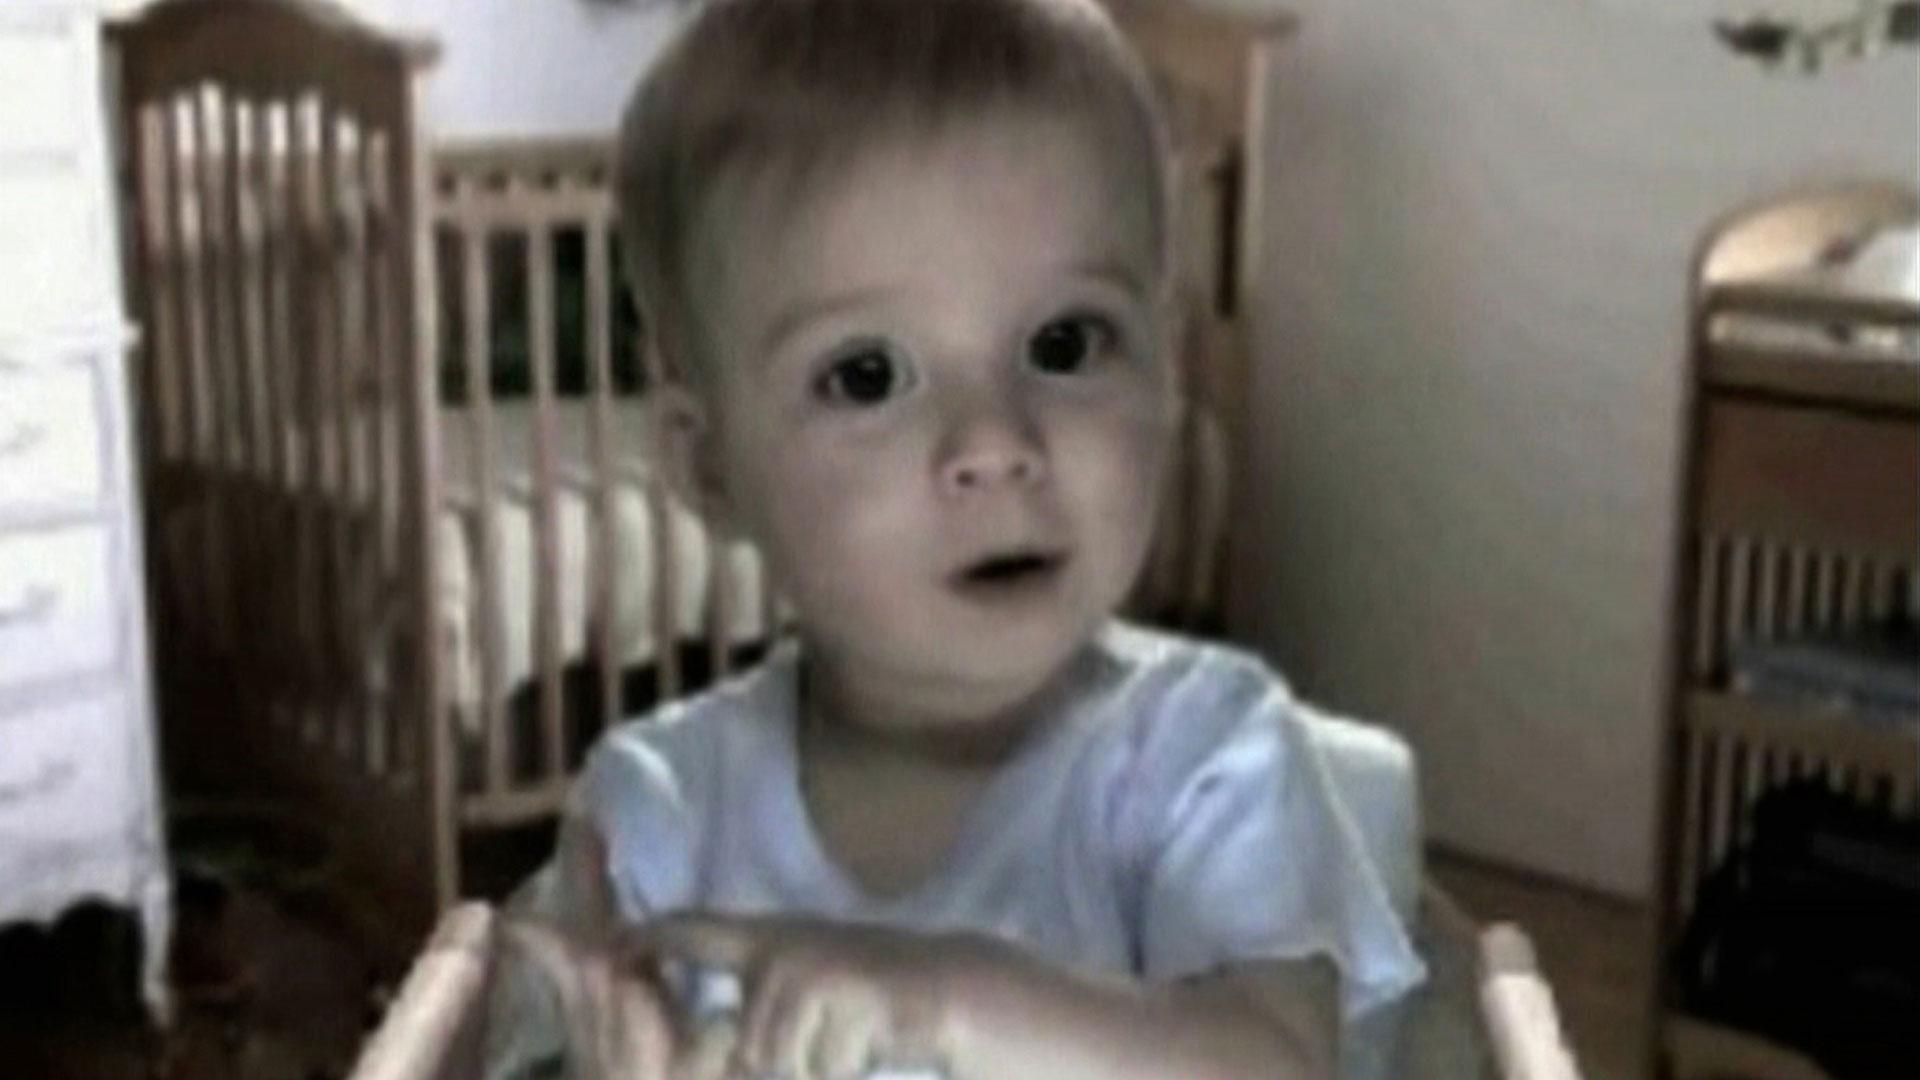 E*TRADE<br />Baby Burp (2008)